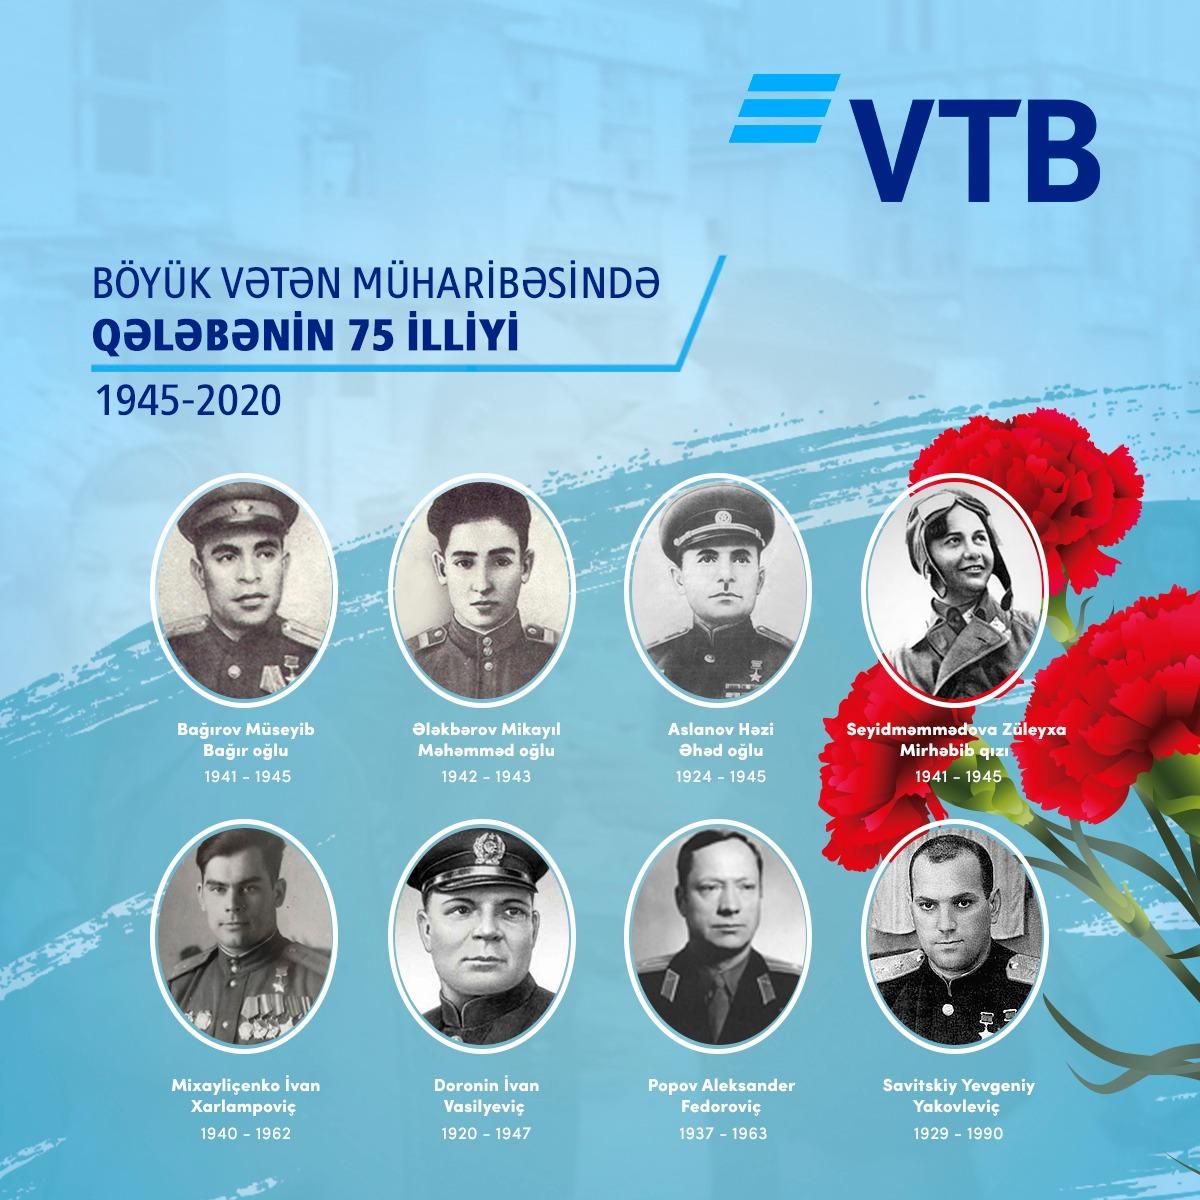 Банк ВТБ (Азербайджан) поздравил ветеранов с Днем Победы